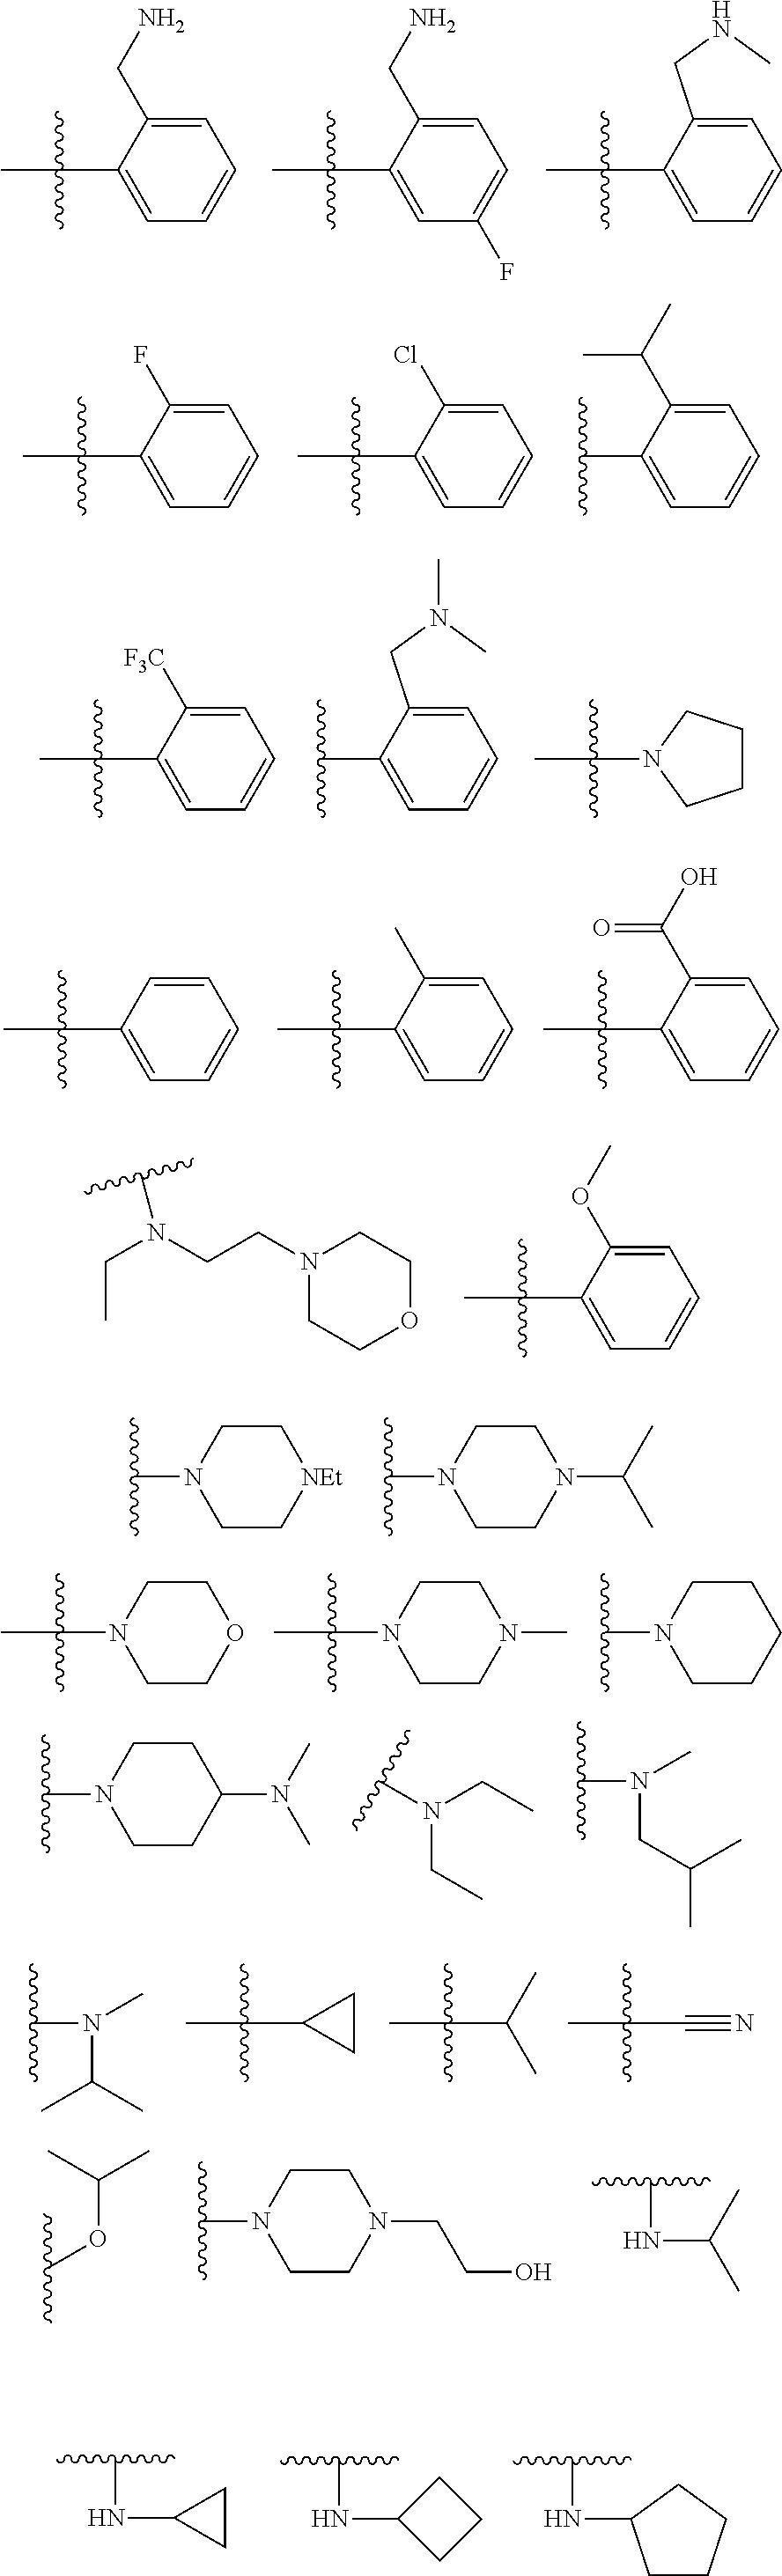 Figure US09790228-20171017-C00027